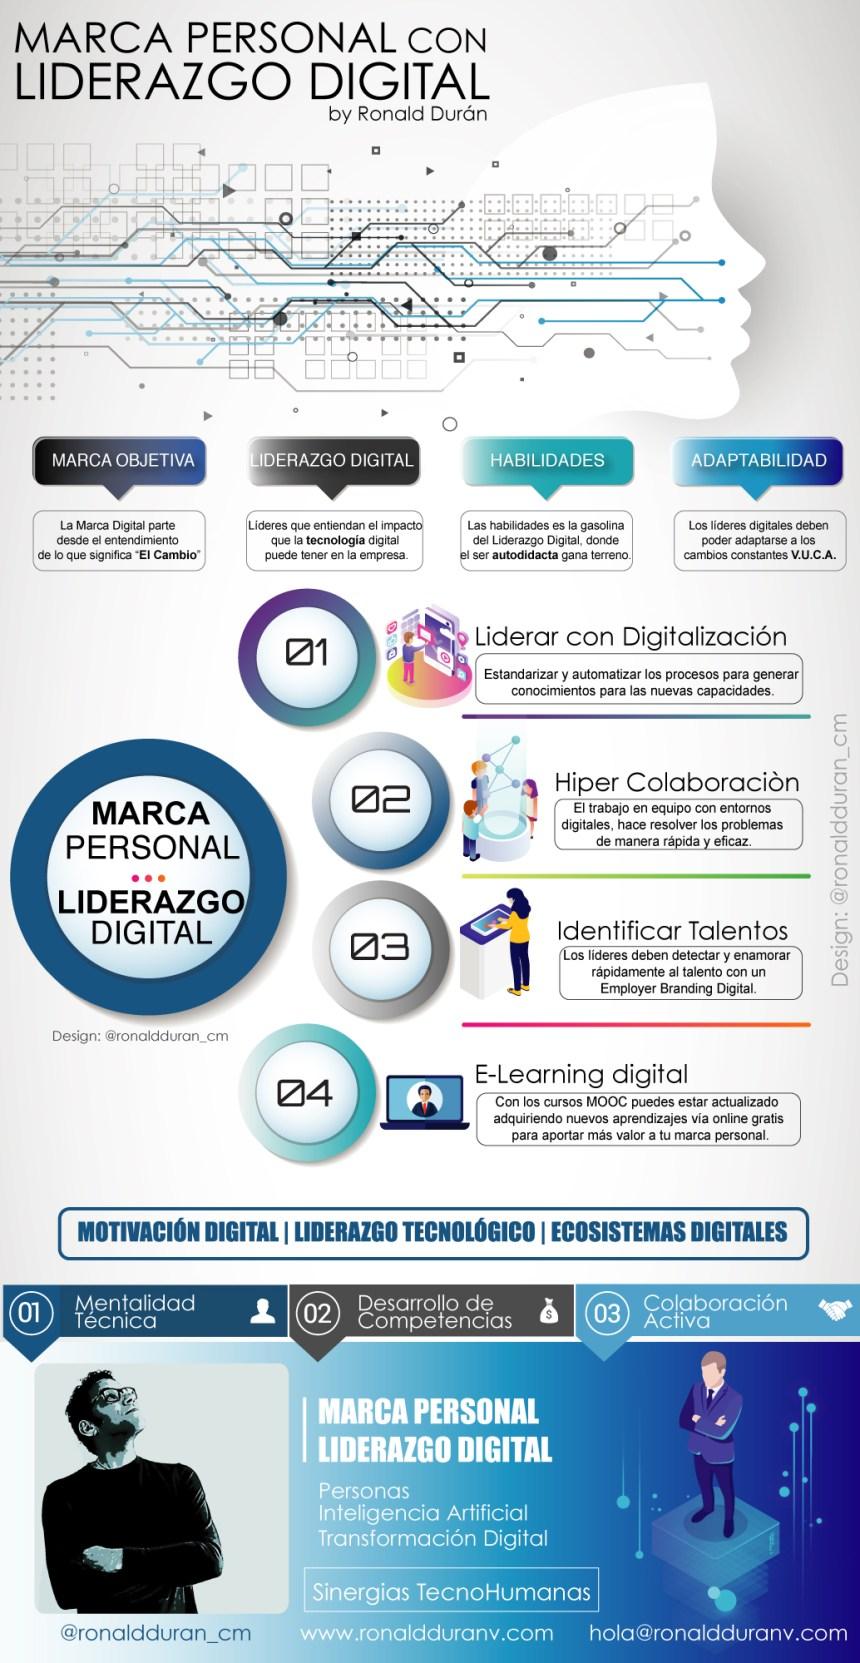 Marca Personal con Liderazgo Digital